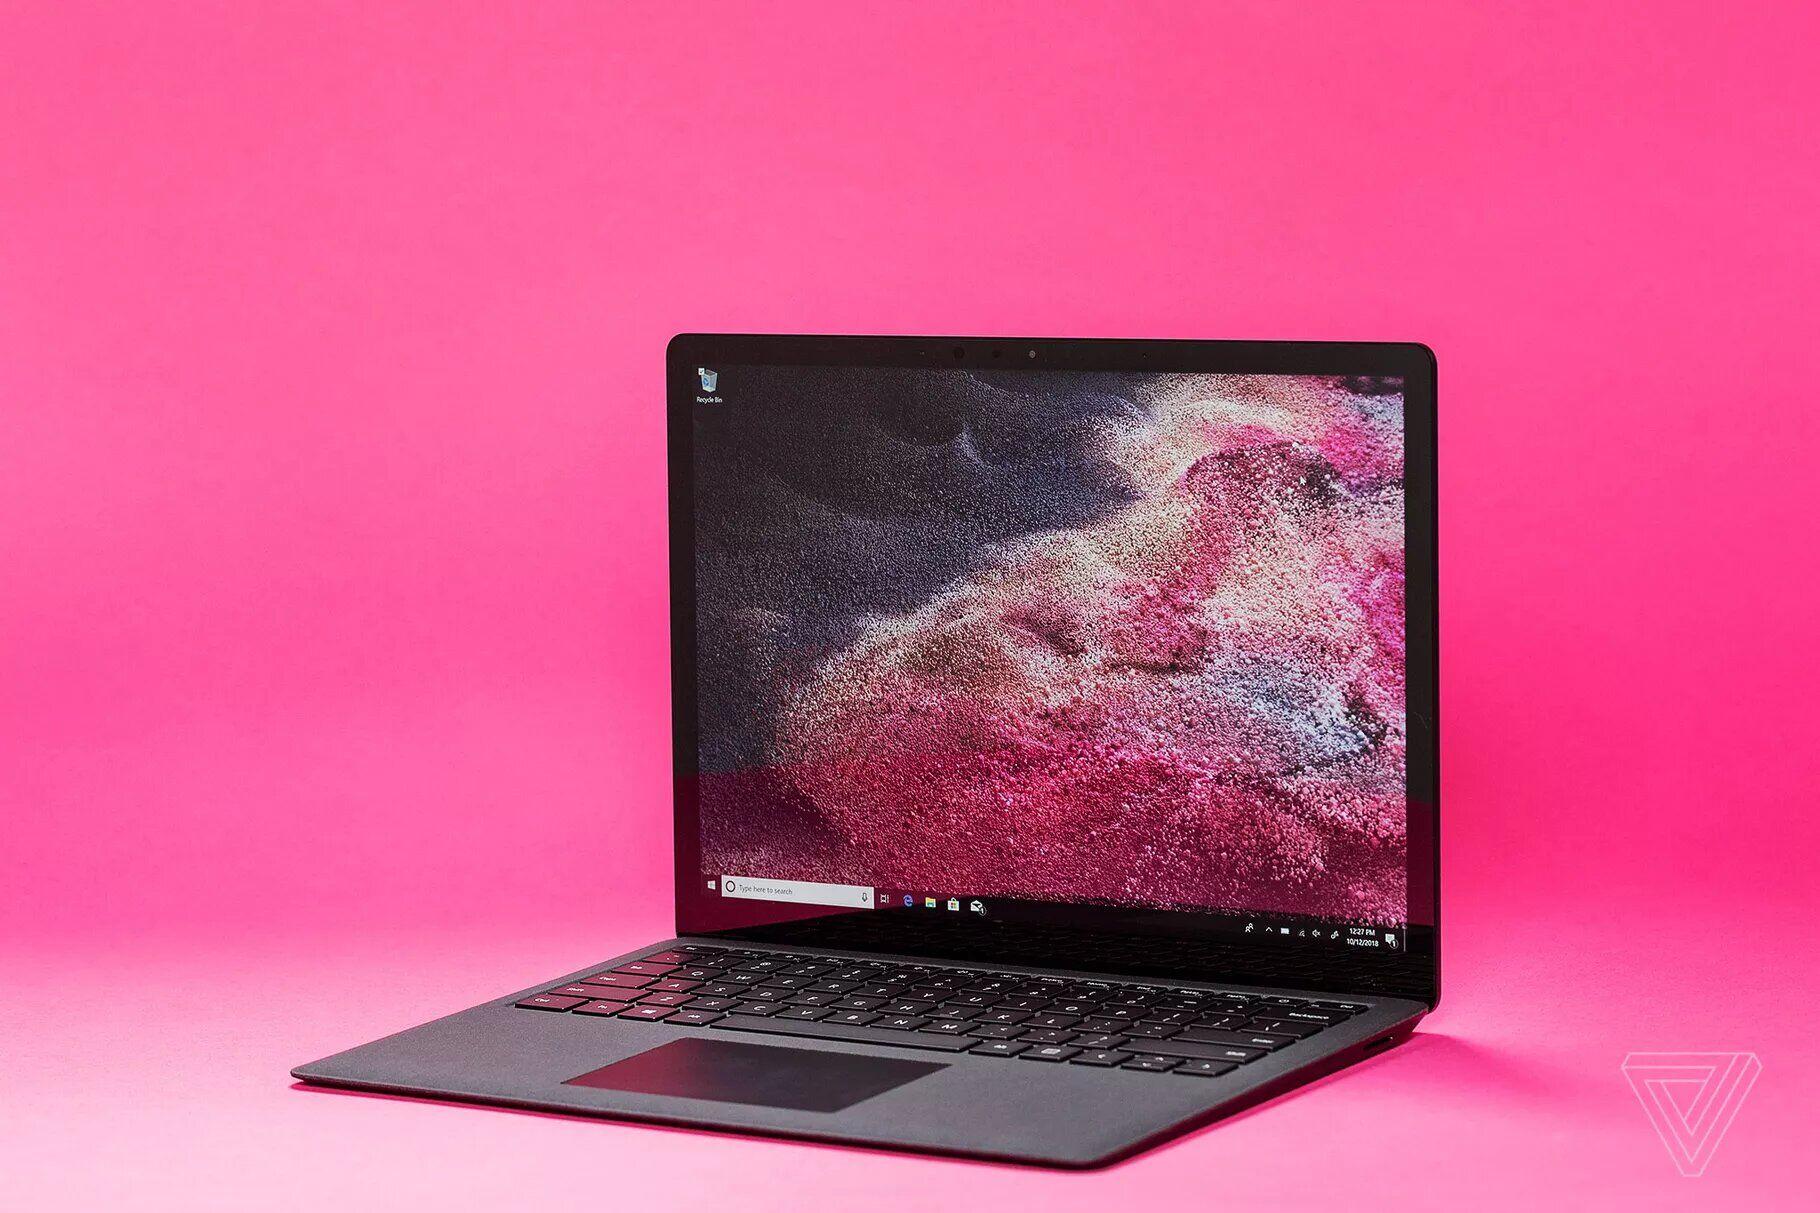 Продукция Microsoft пополняется устройствами Surface